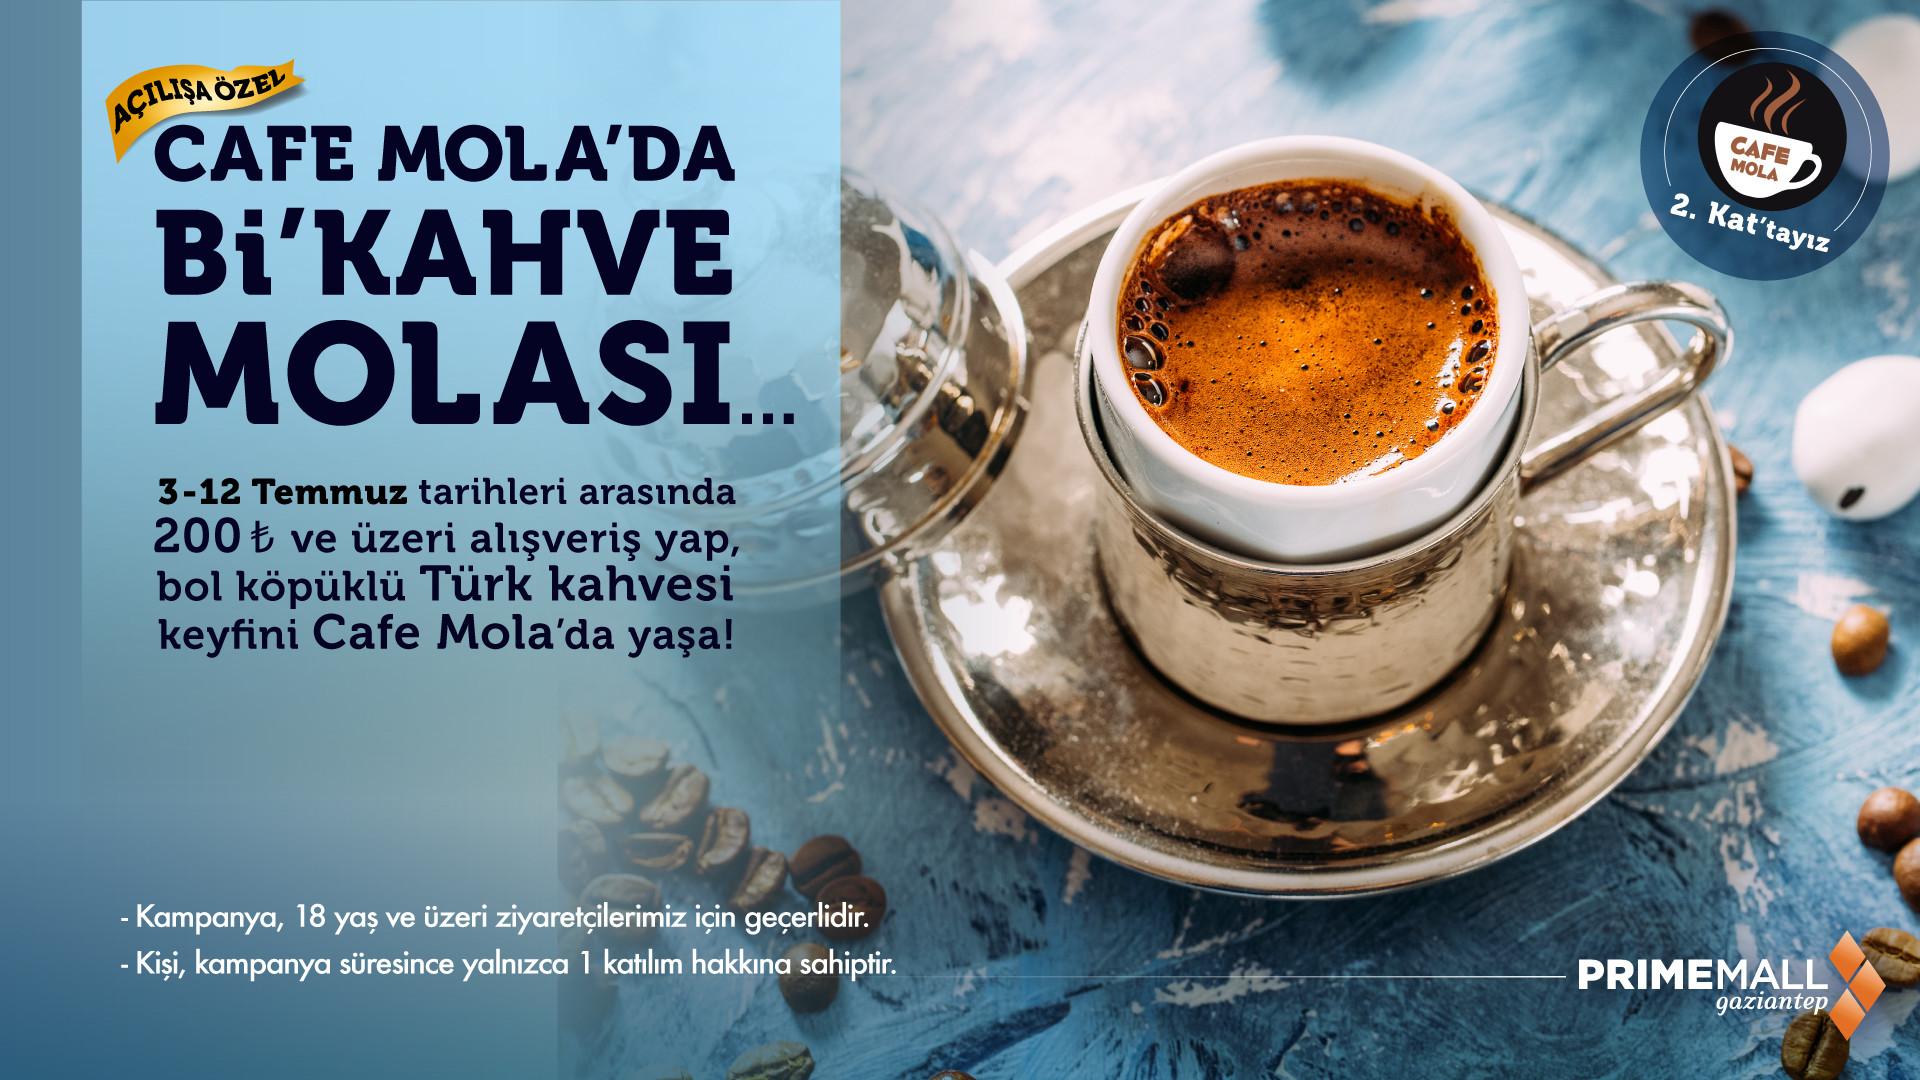 Cafe Mola'da Bi'Kahve Molası